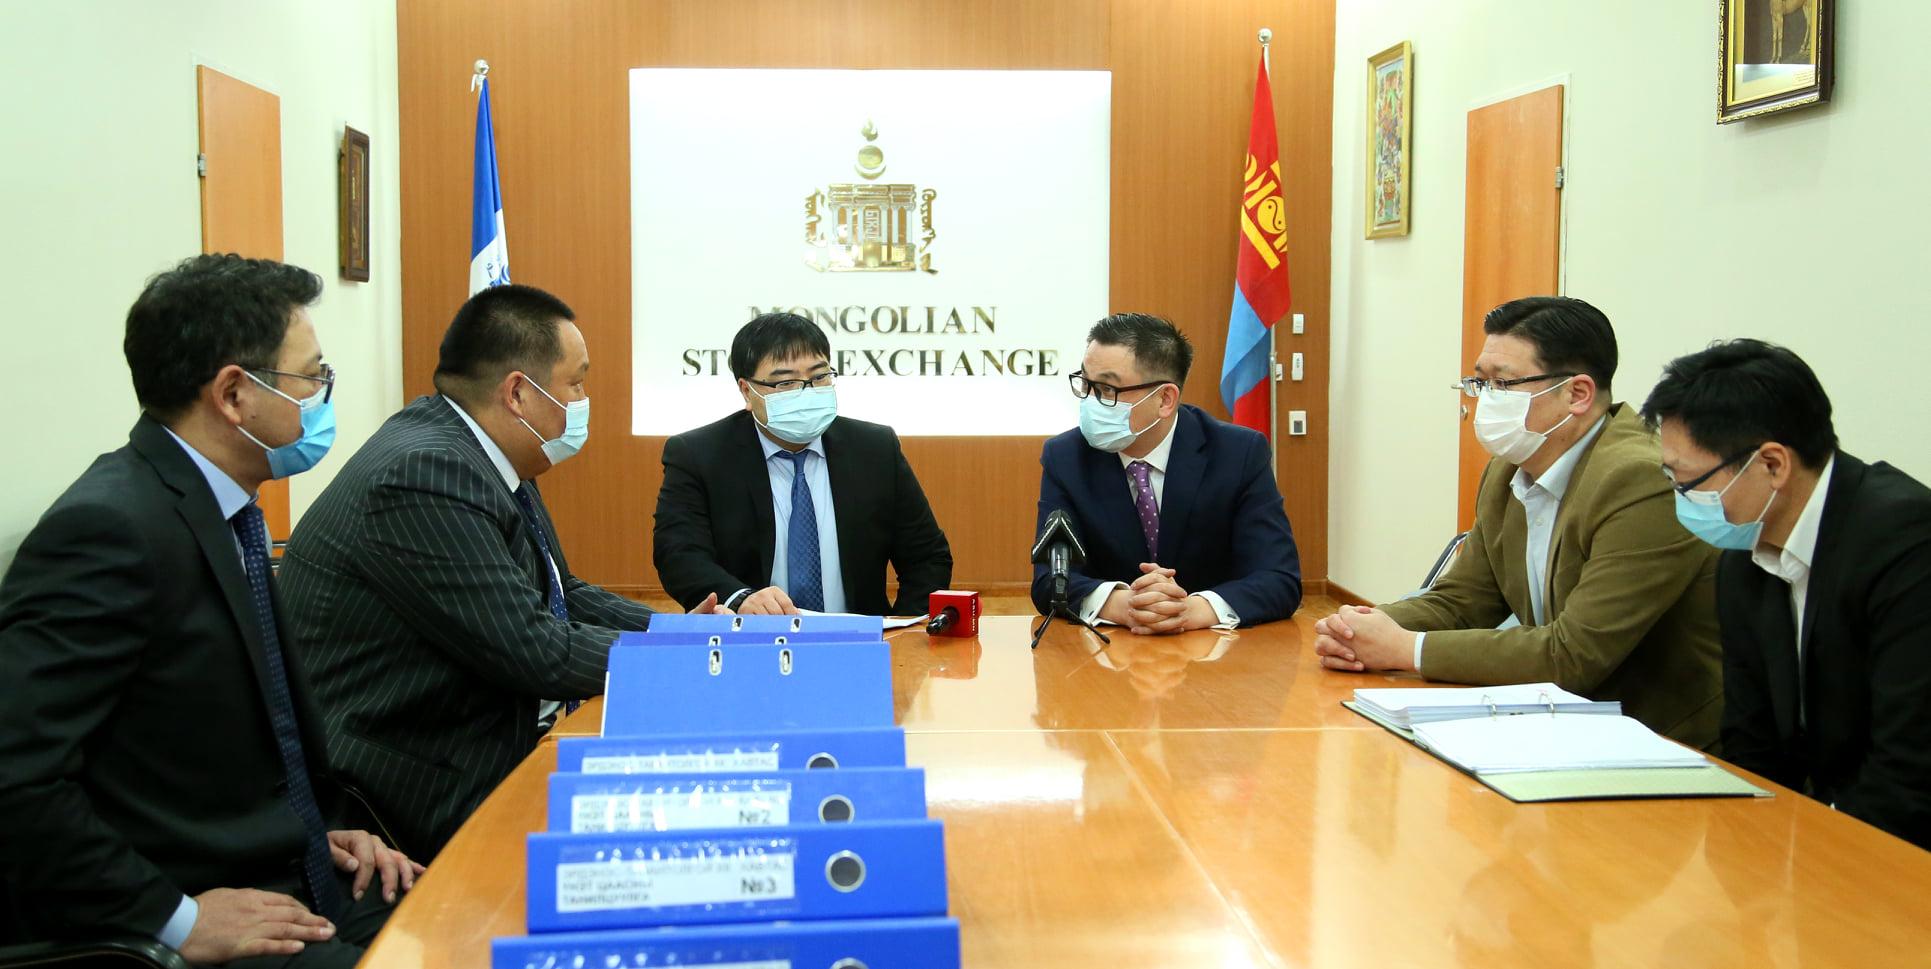 ETT БОНД ГАРГАХ хүсэлтээ Монголын хөрөнгийн биржид хүргүүллээ